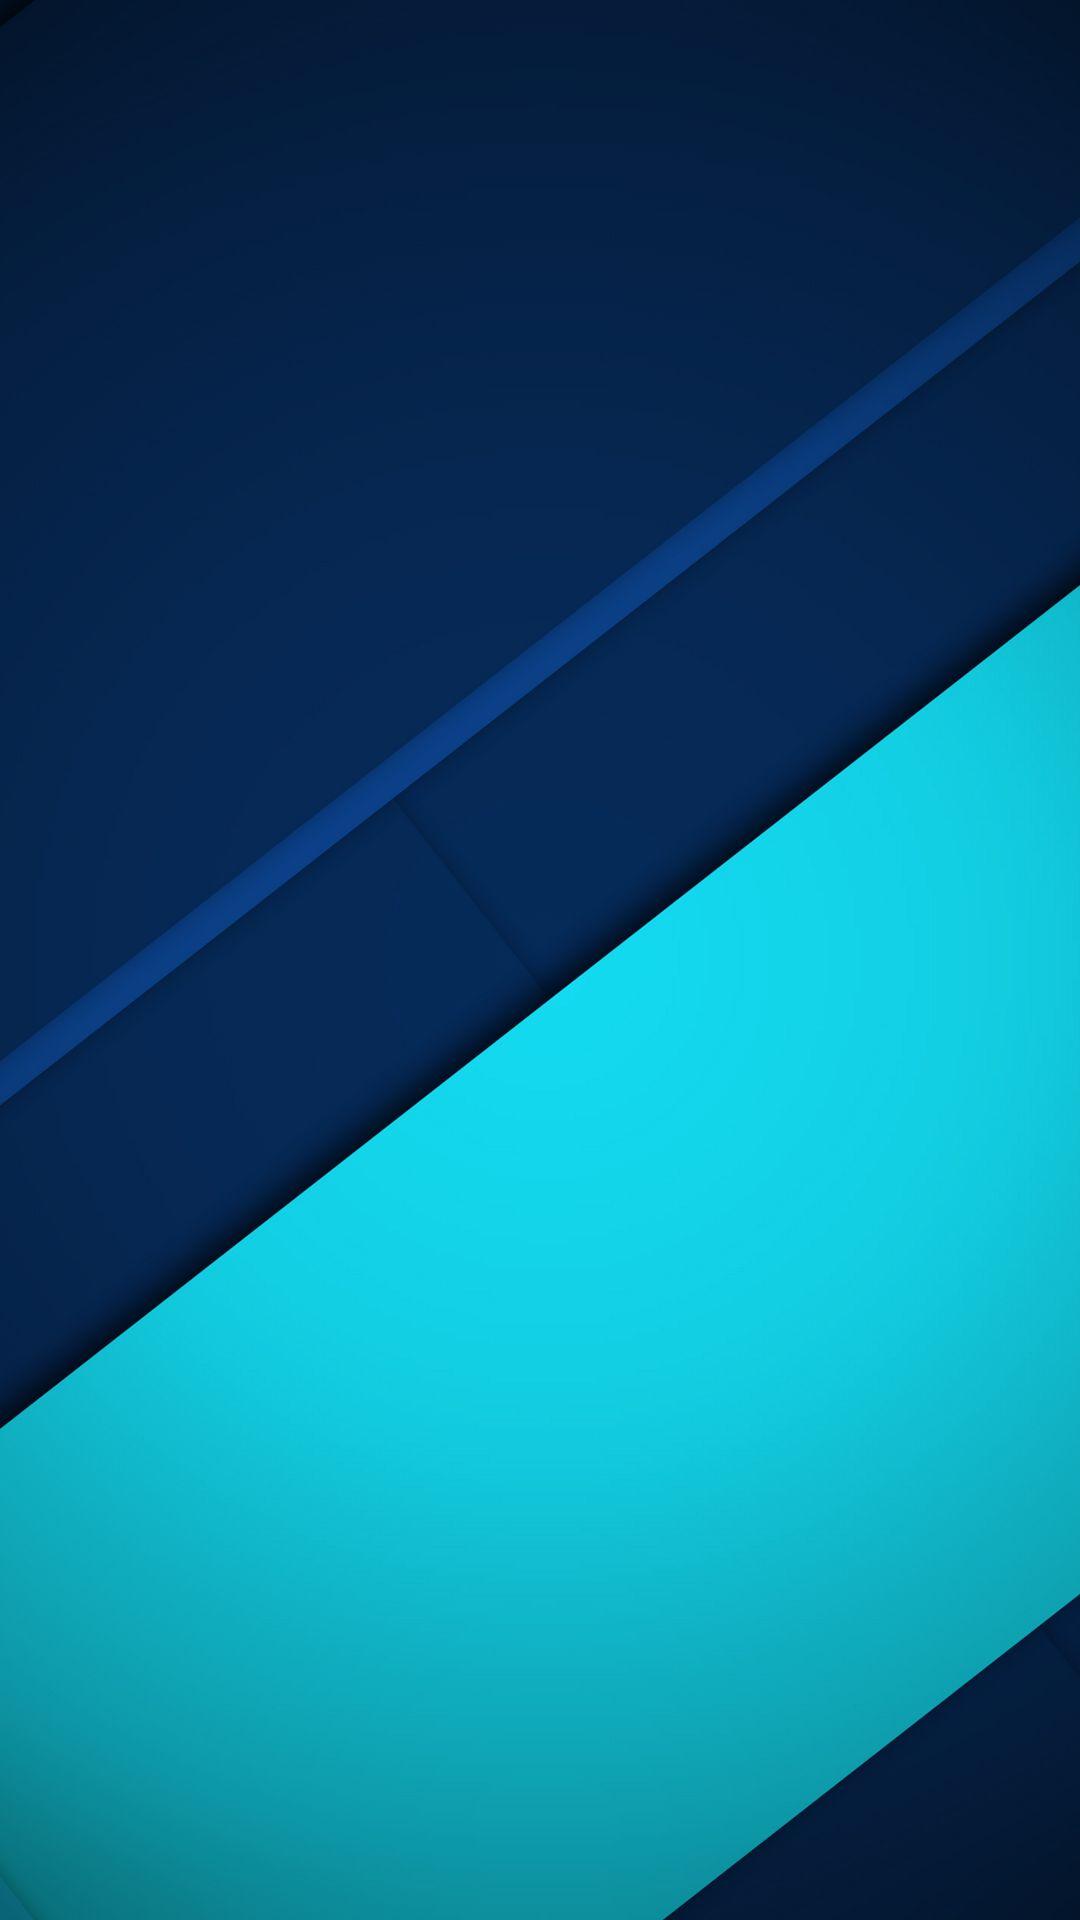 Material Design Hd Mobile Wallpaer15 Vactual Papers Material